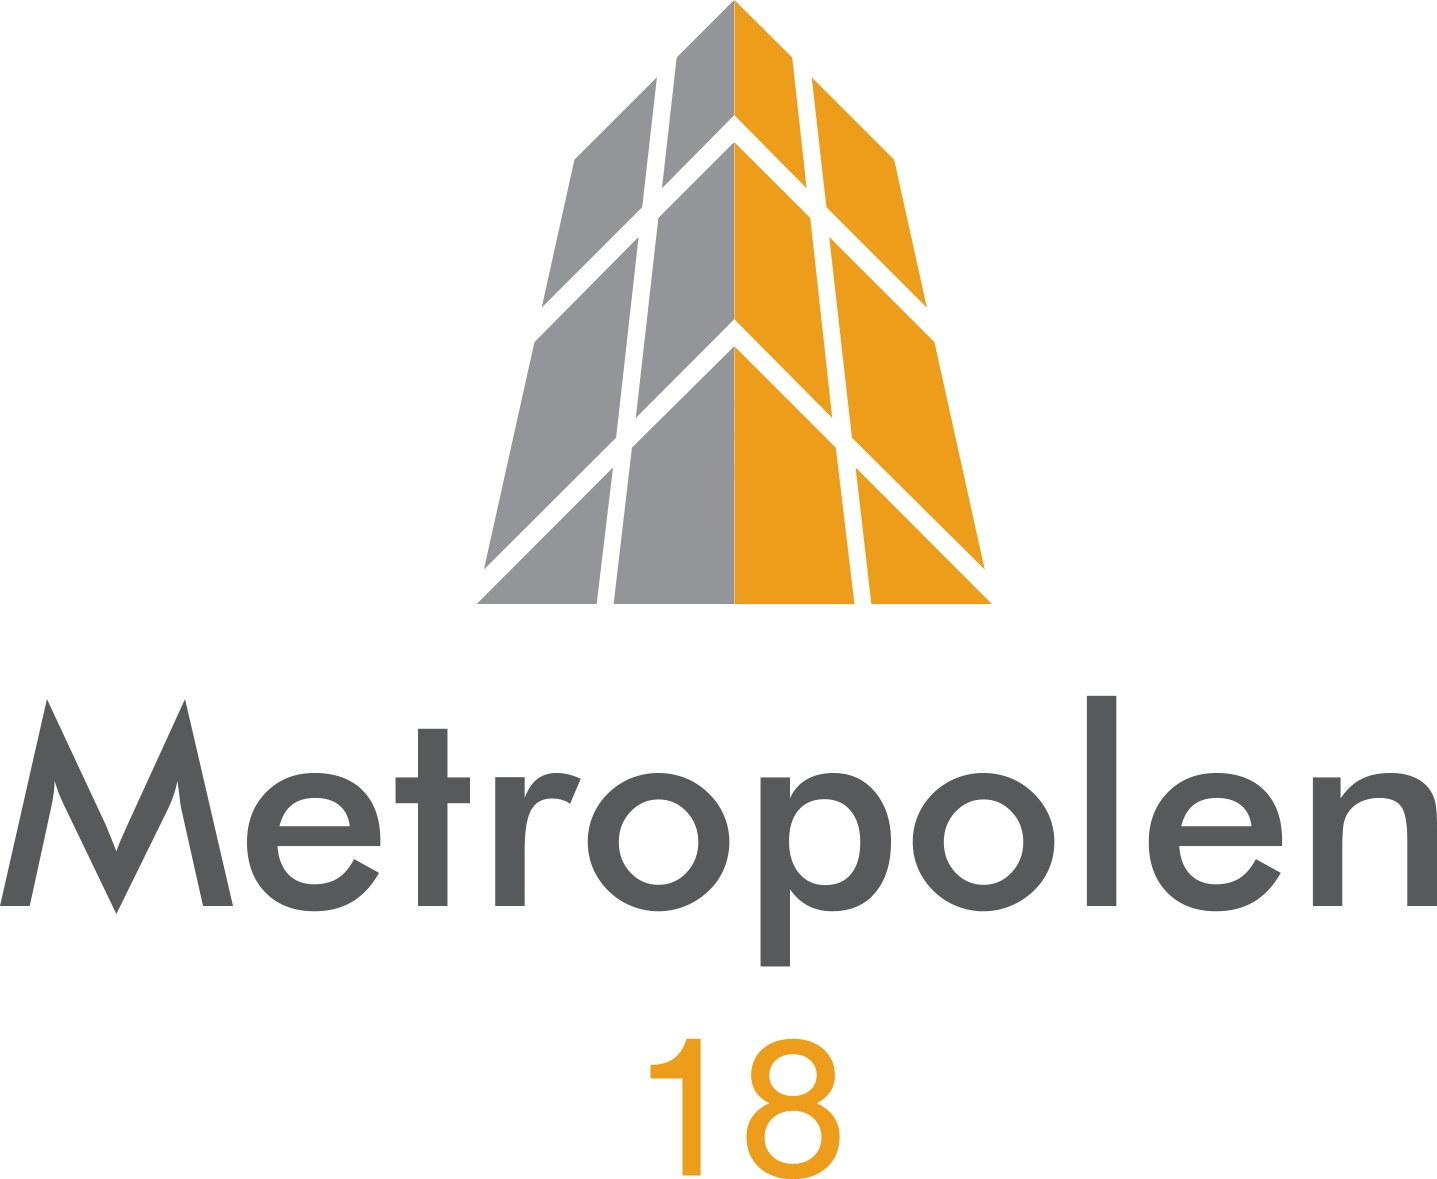 Metropolen 18 nur noch bis zum 30.06.2020 verfügbar!